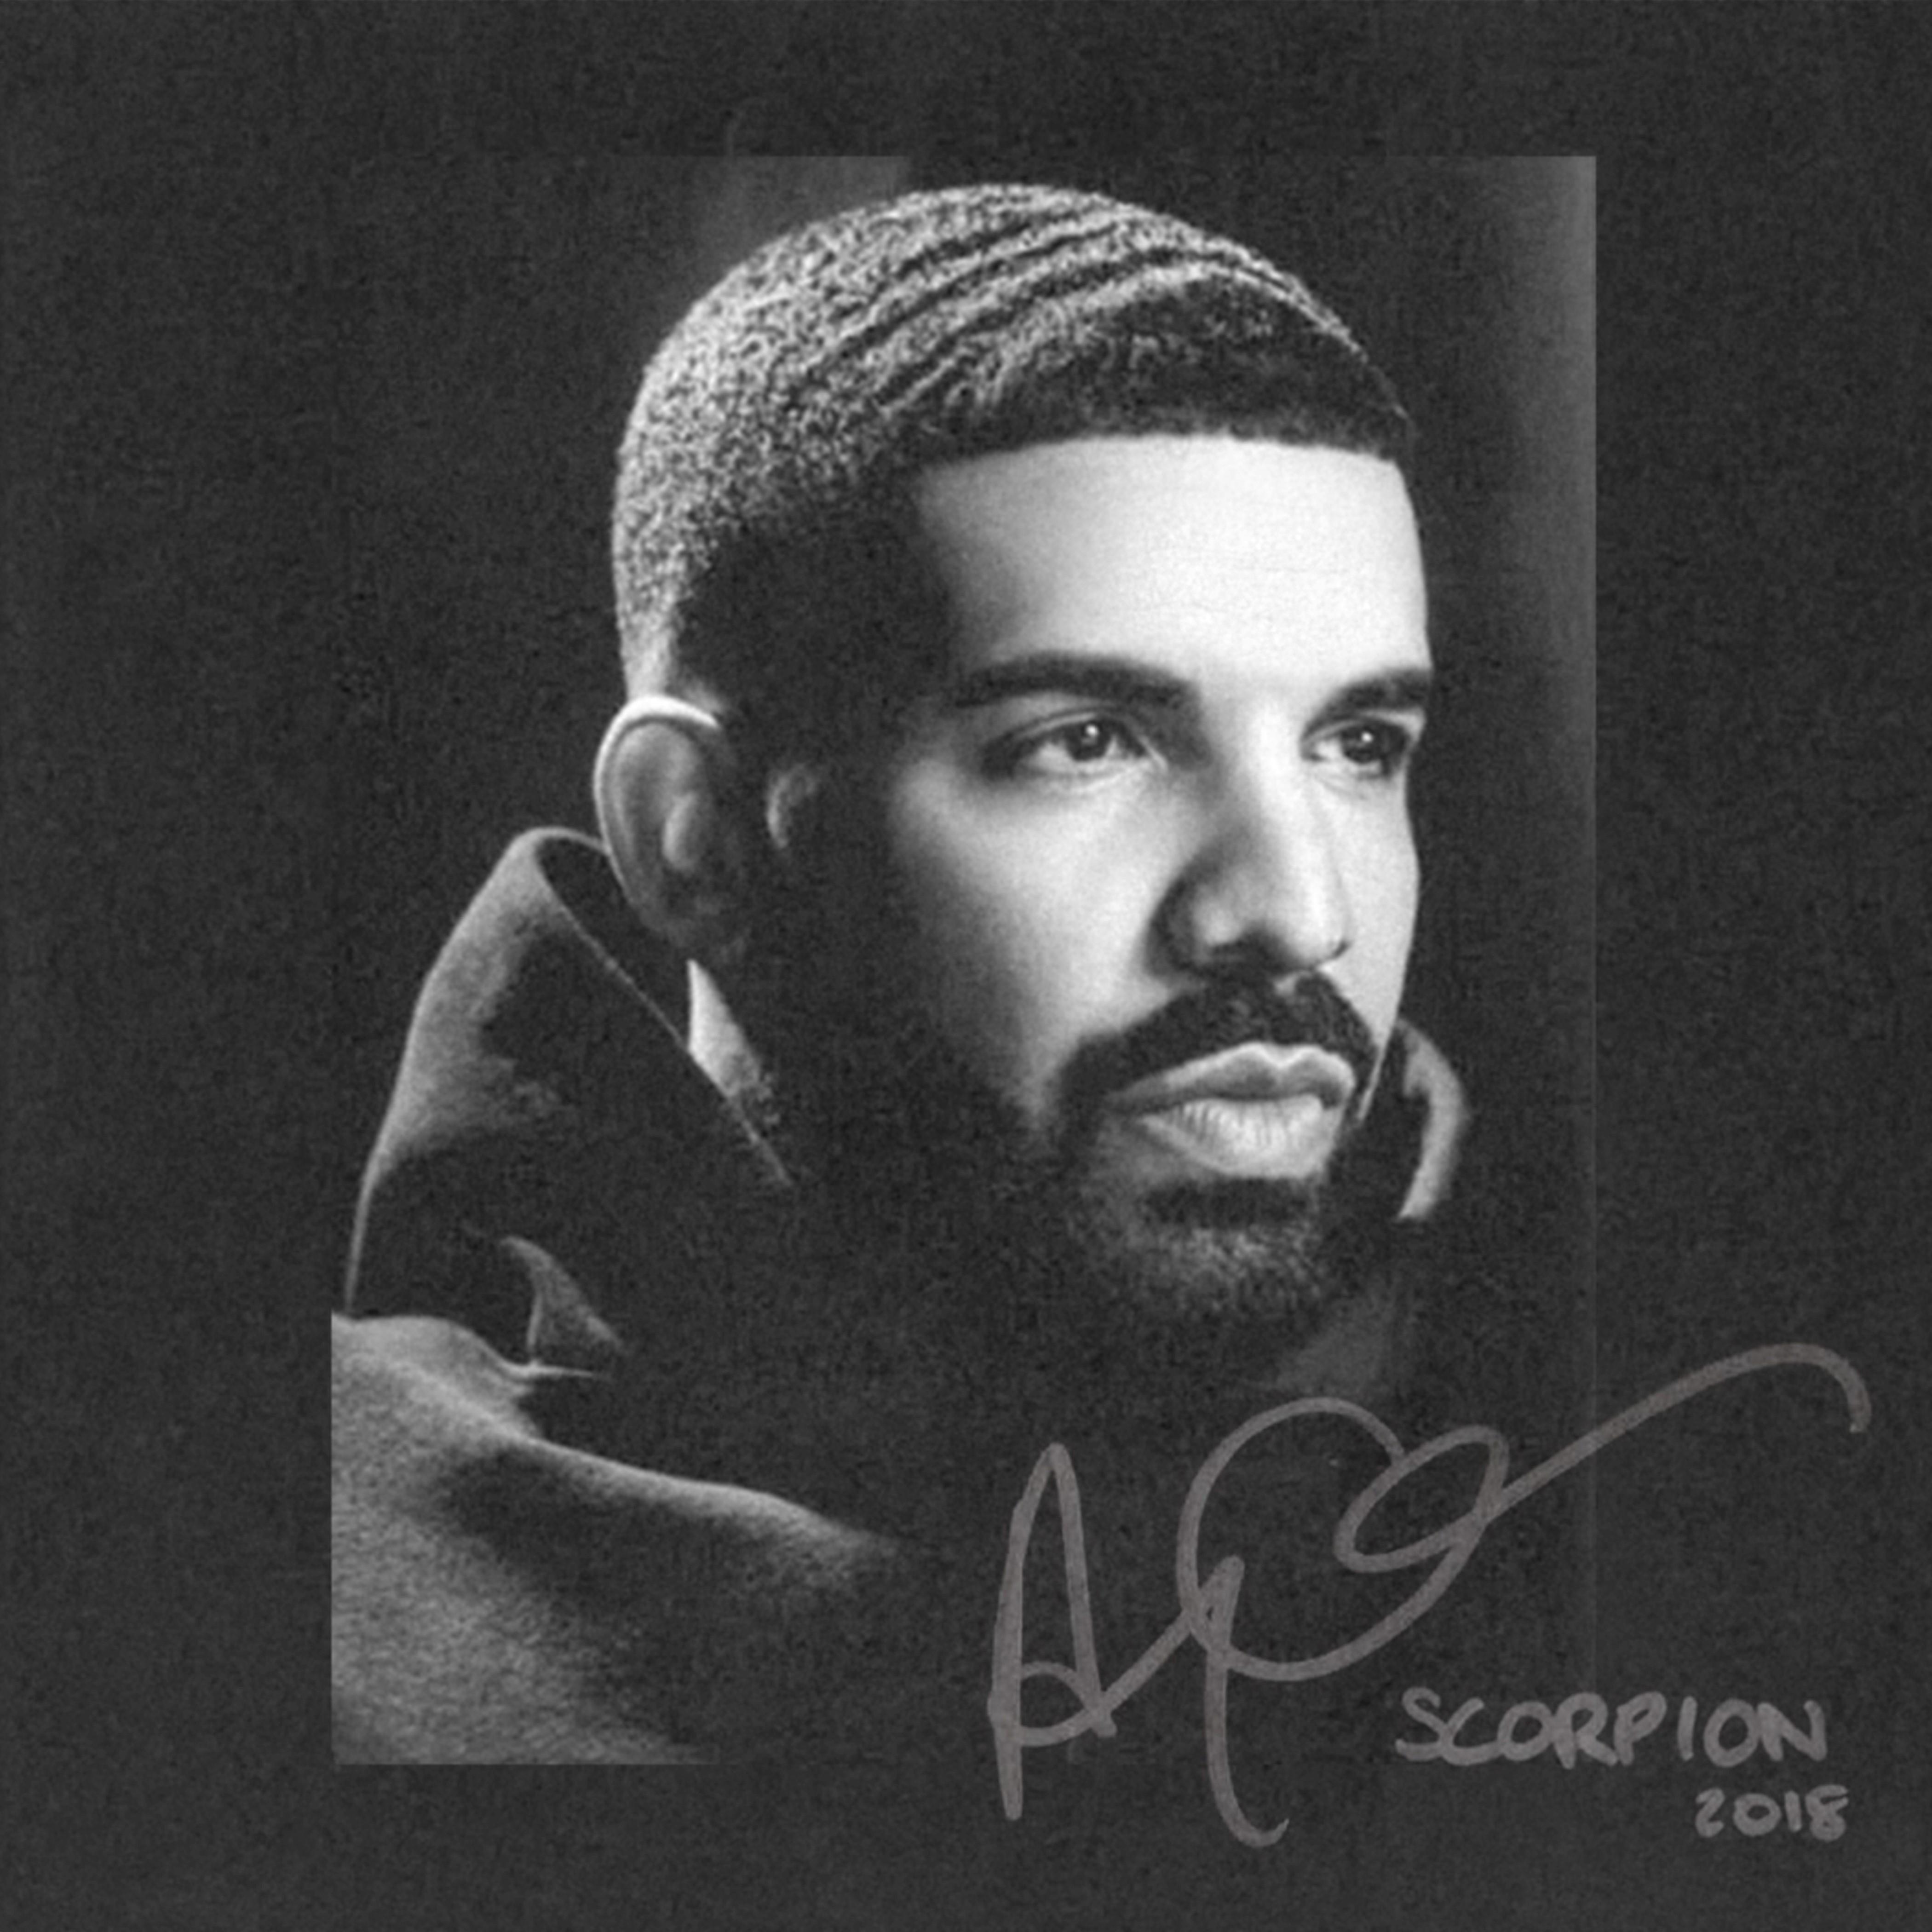 drake-scorpion-art